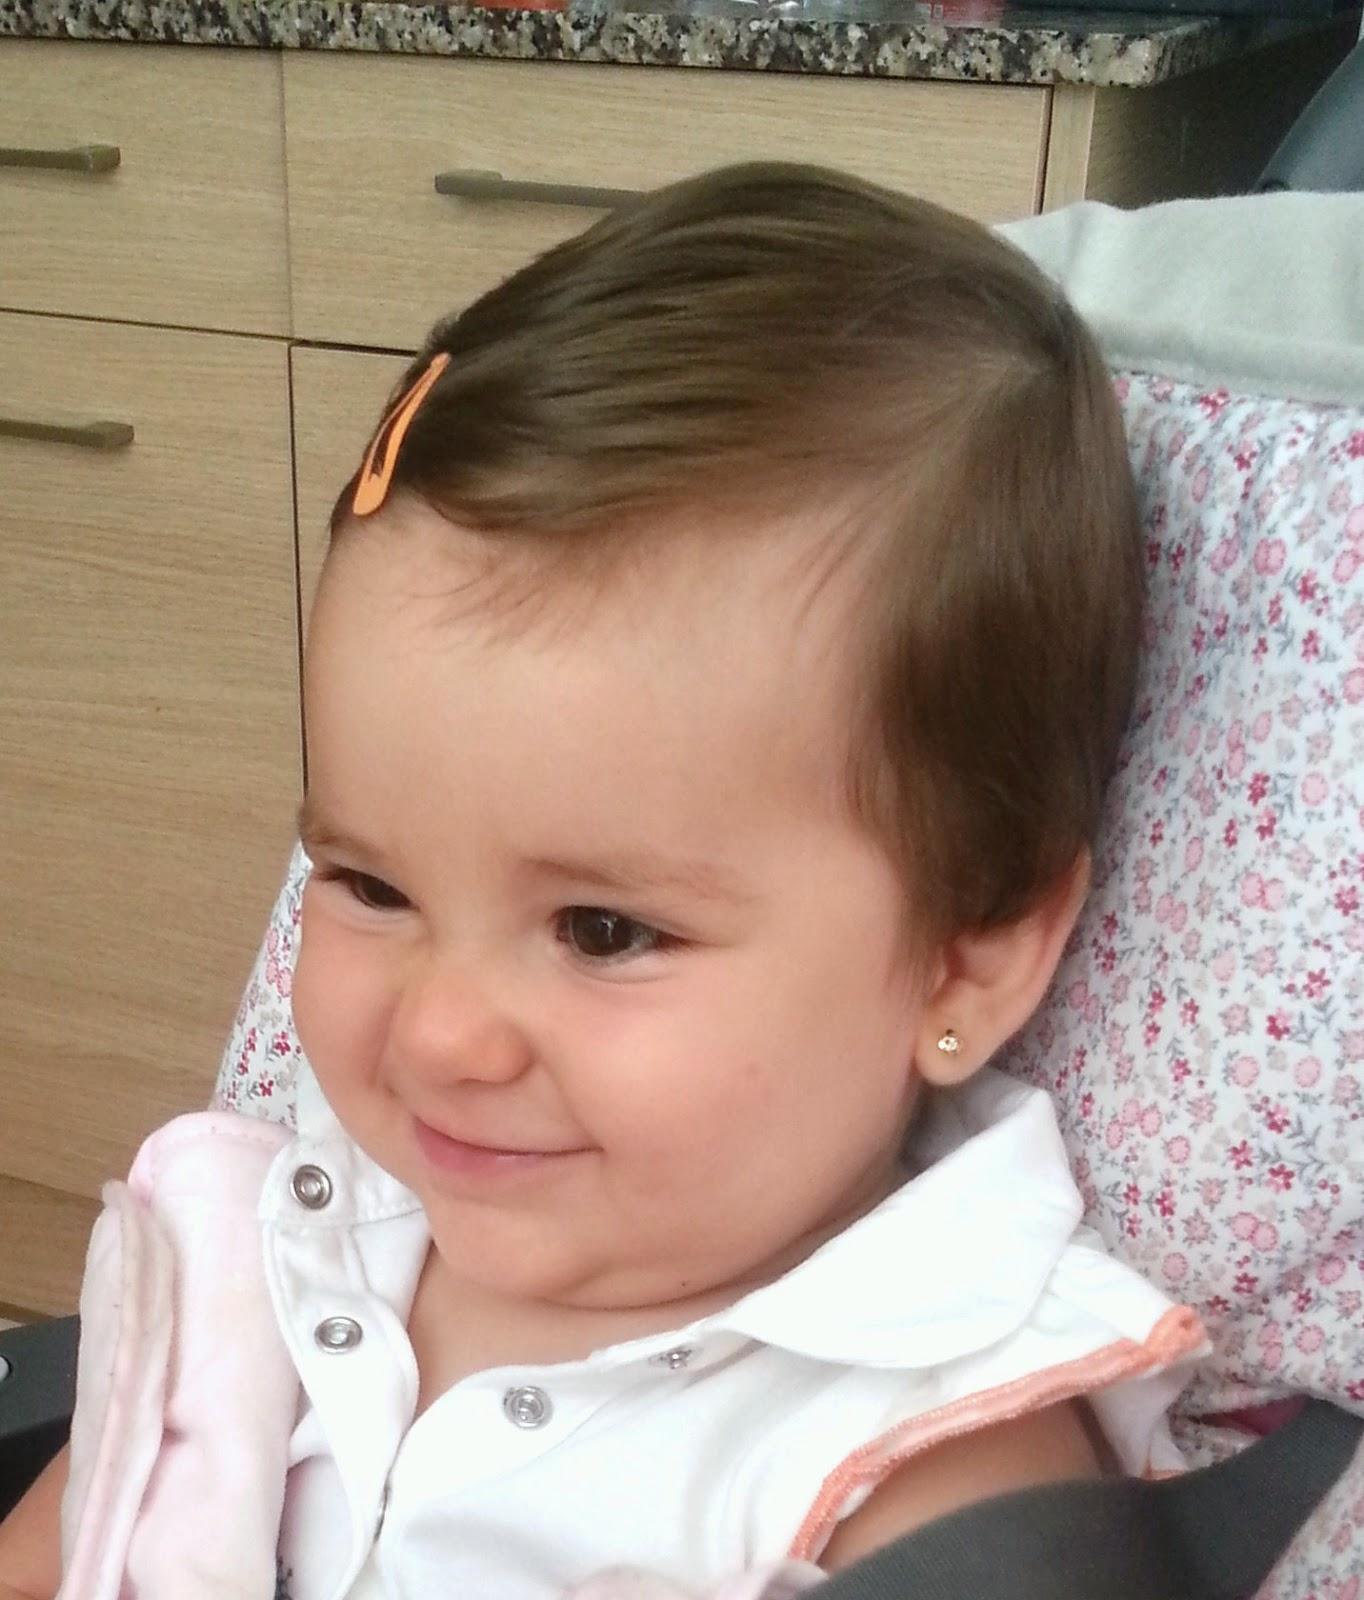 Caida de cabello bebe de 4 meses